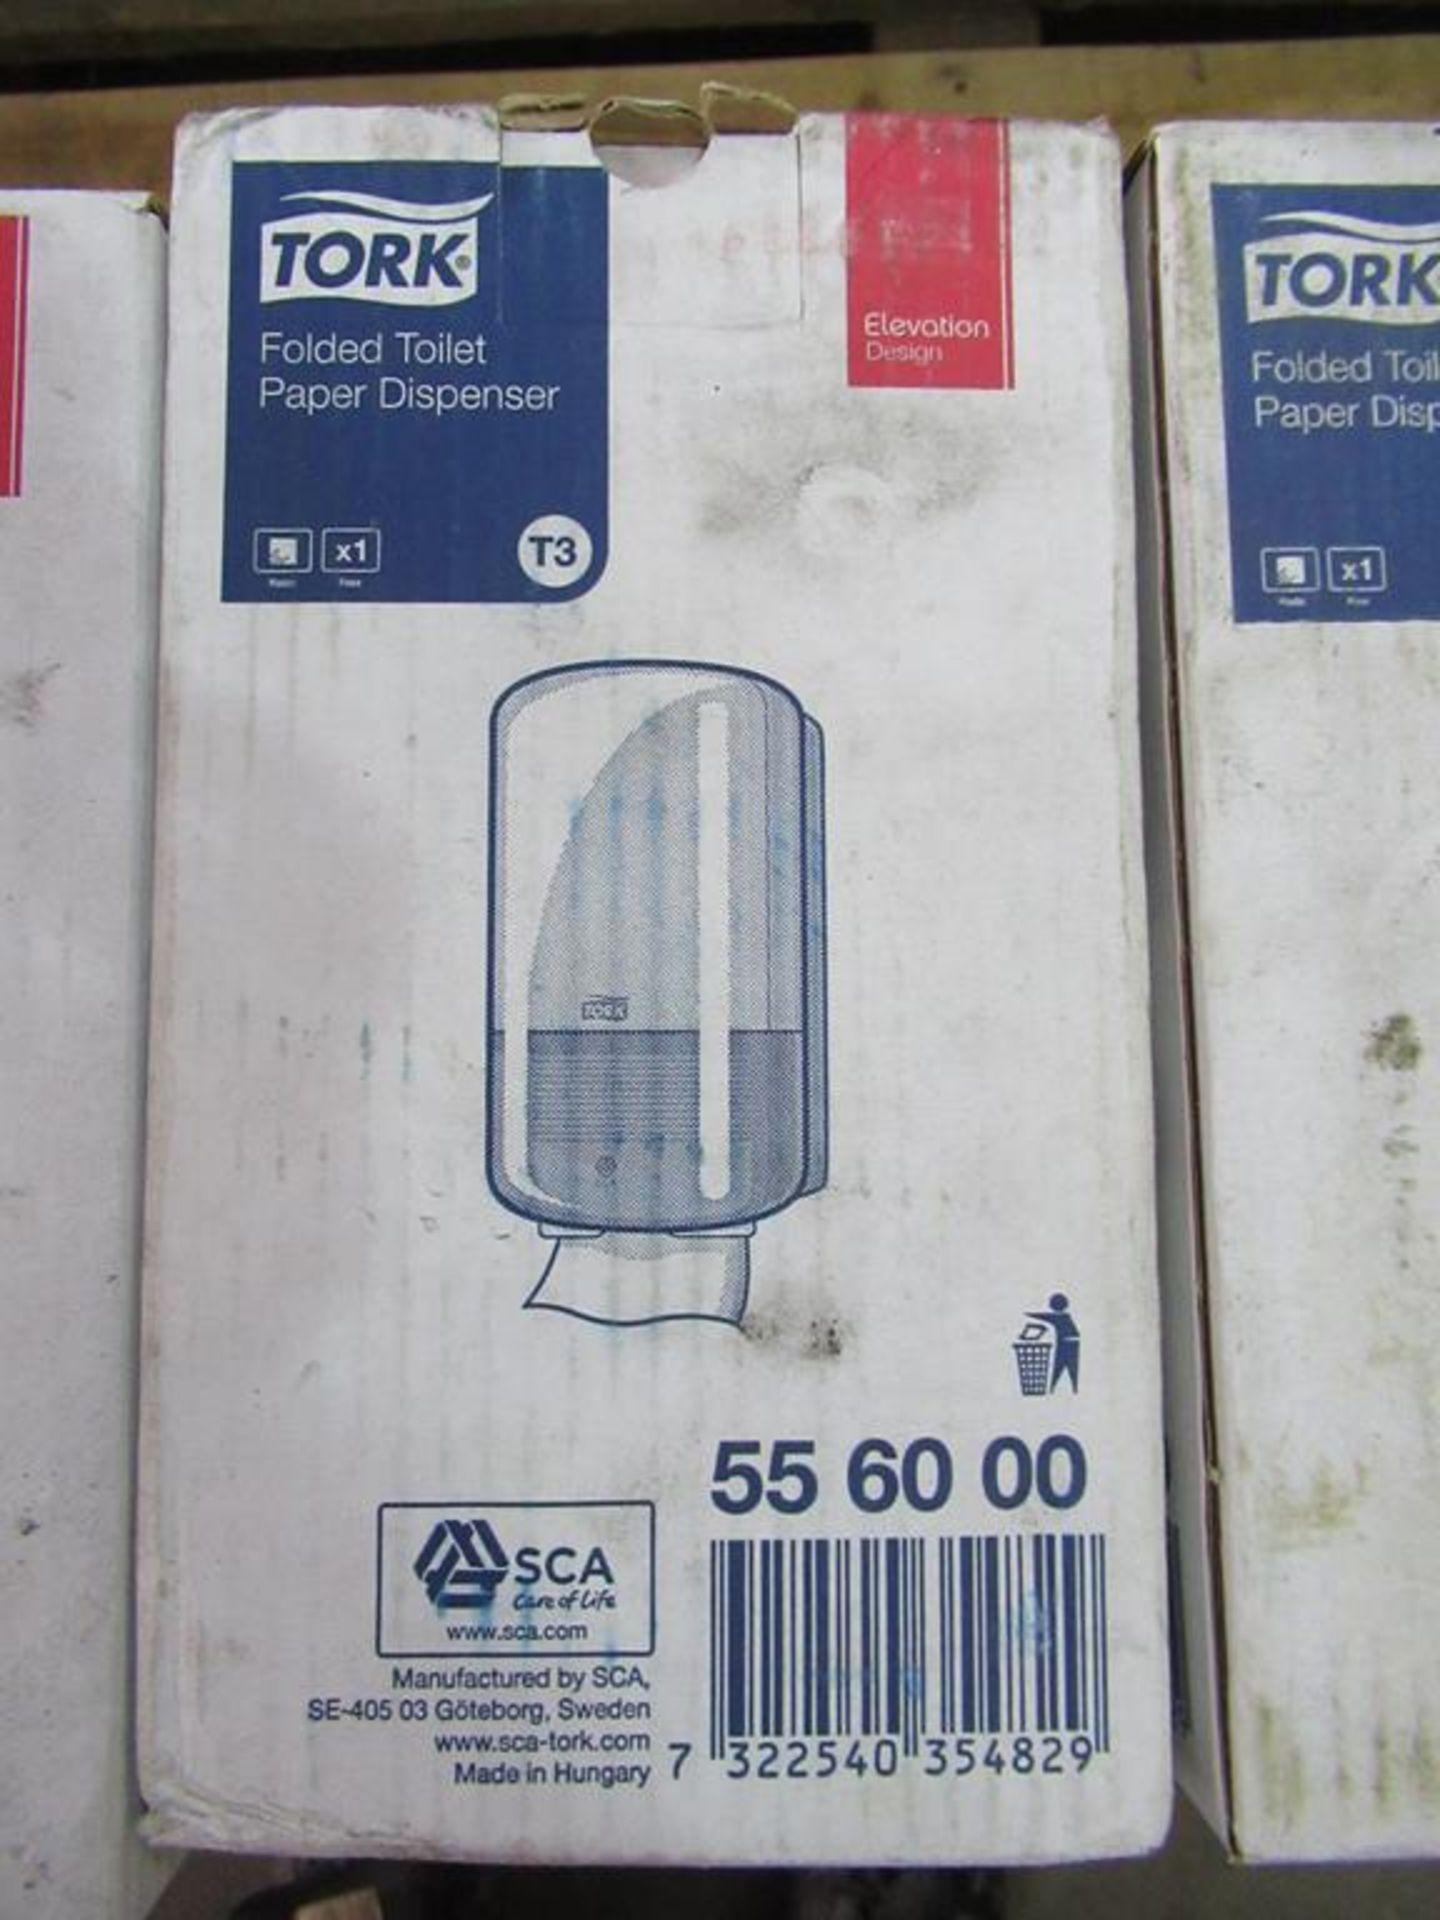 19 x Tork T3 New Folded Toilet Tissue Dispensers - Image 4 of 5